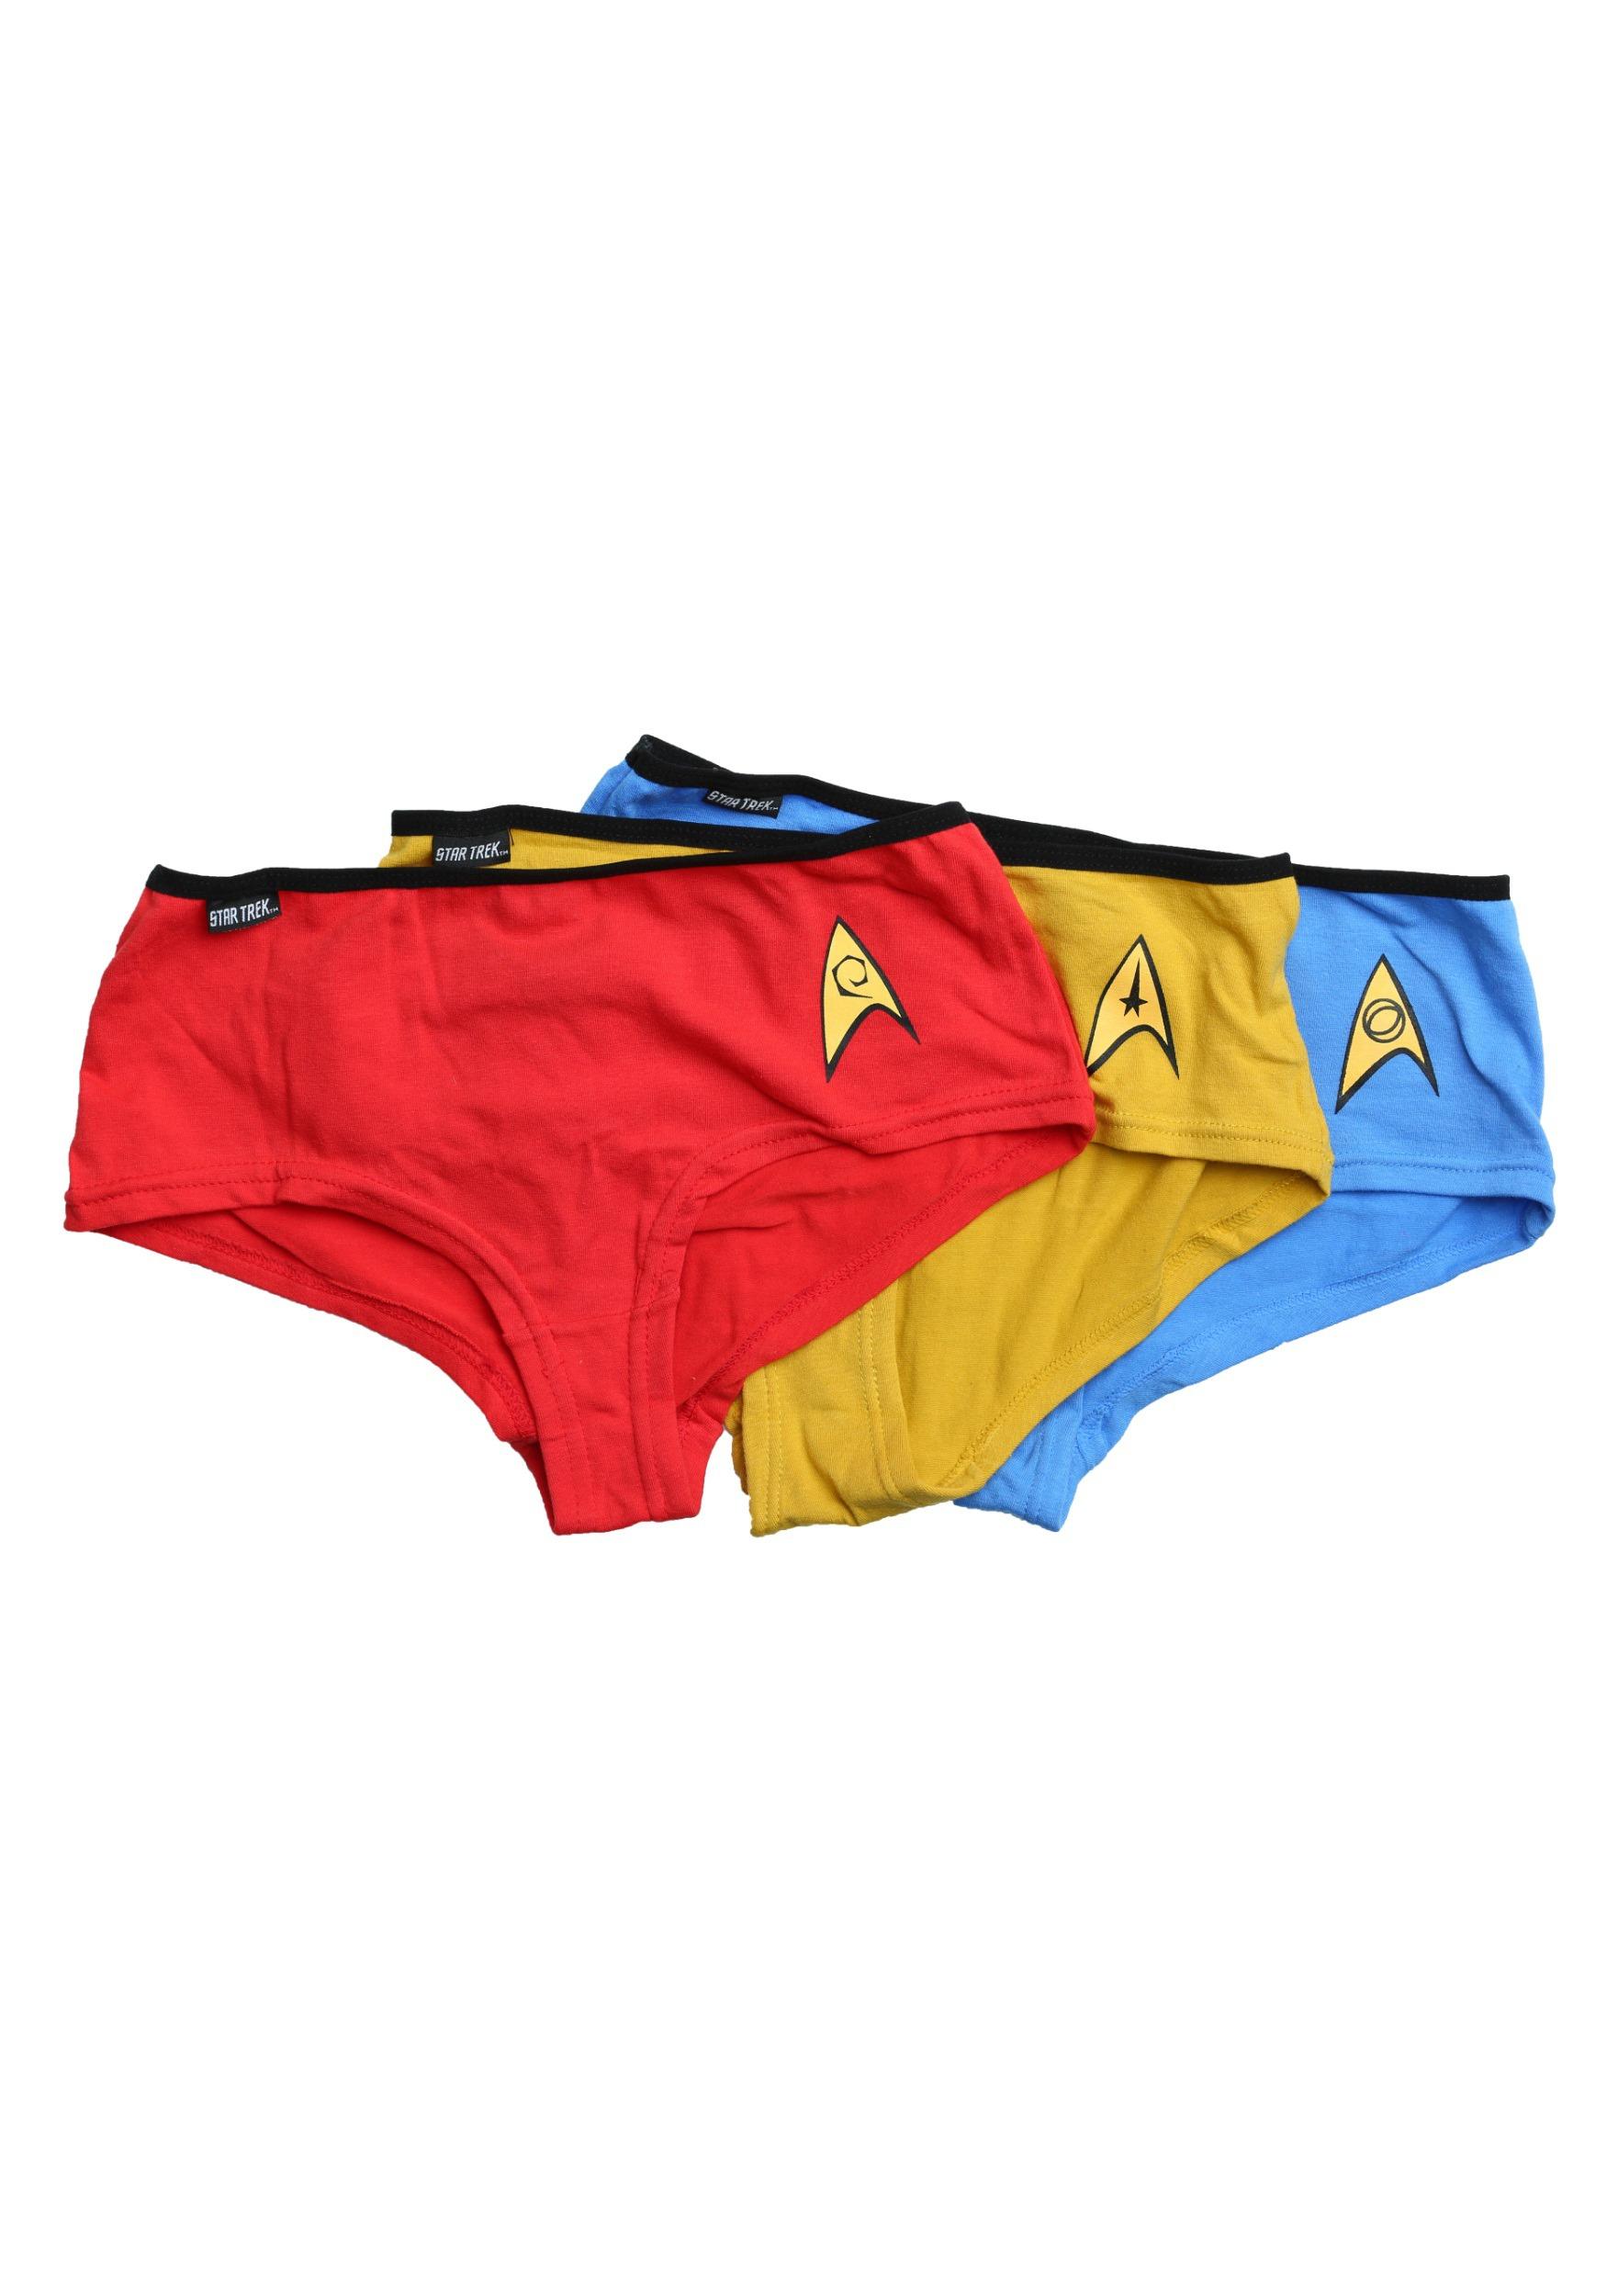 f7e3e71af9 Star Trek Women s Panties 3 Pack